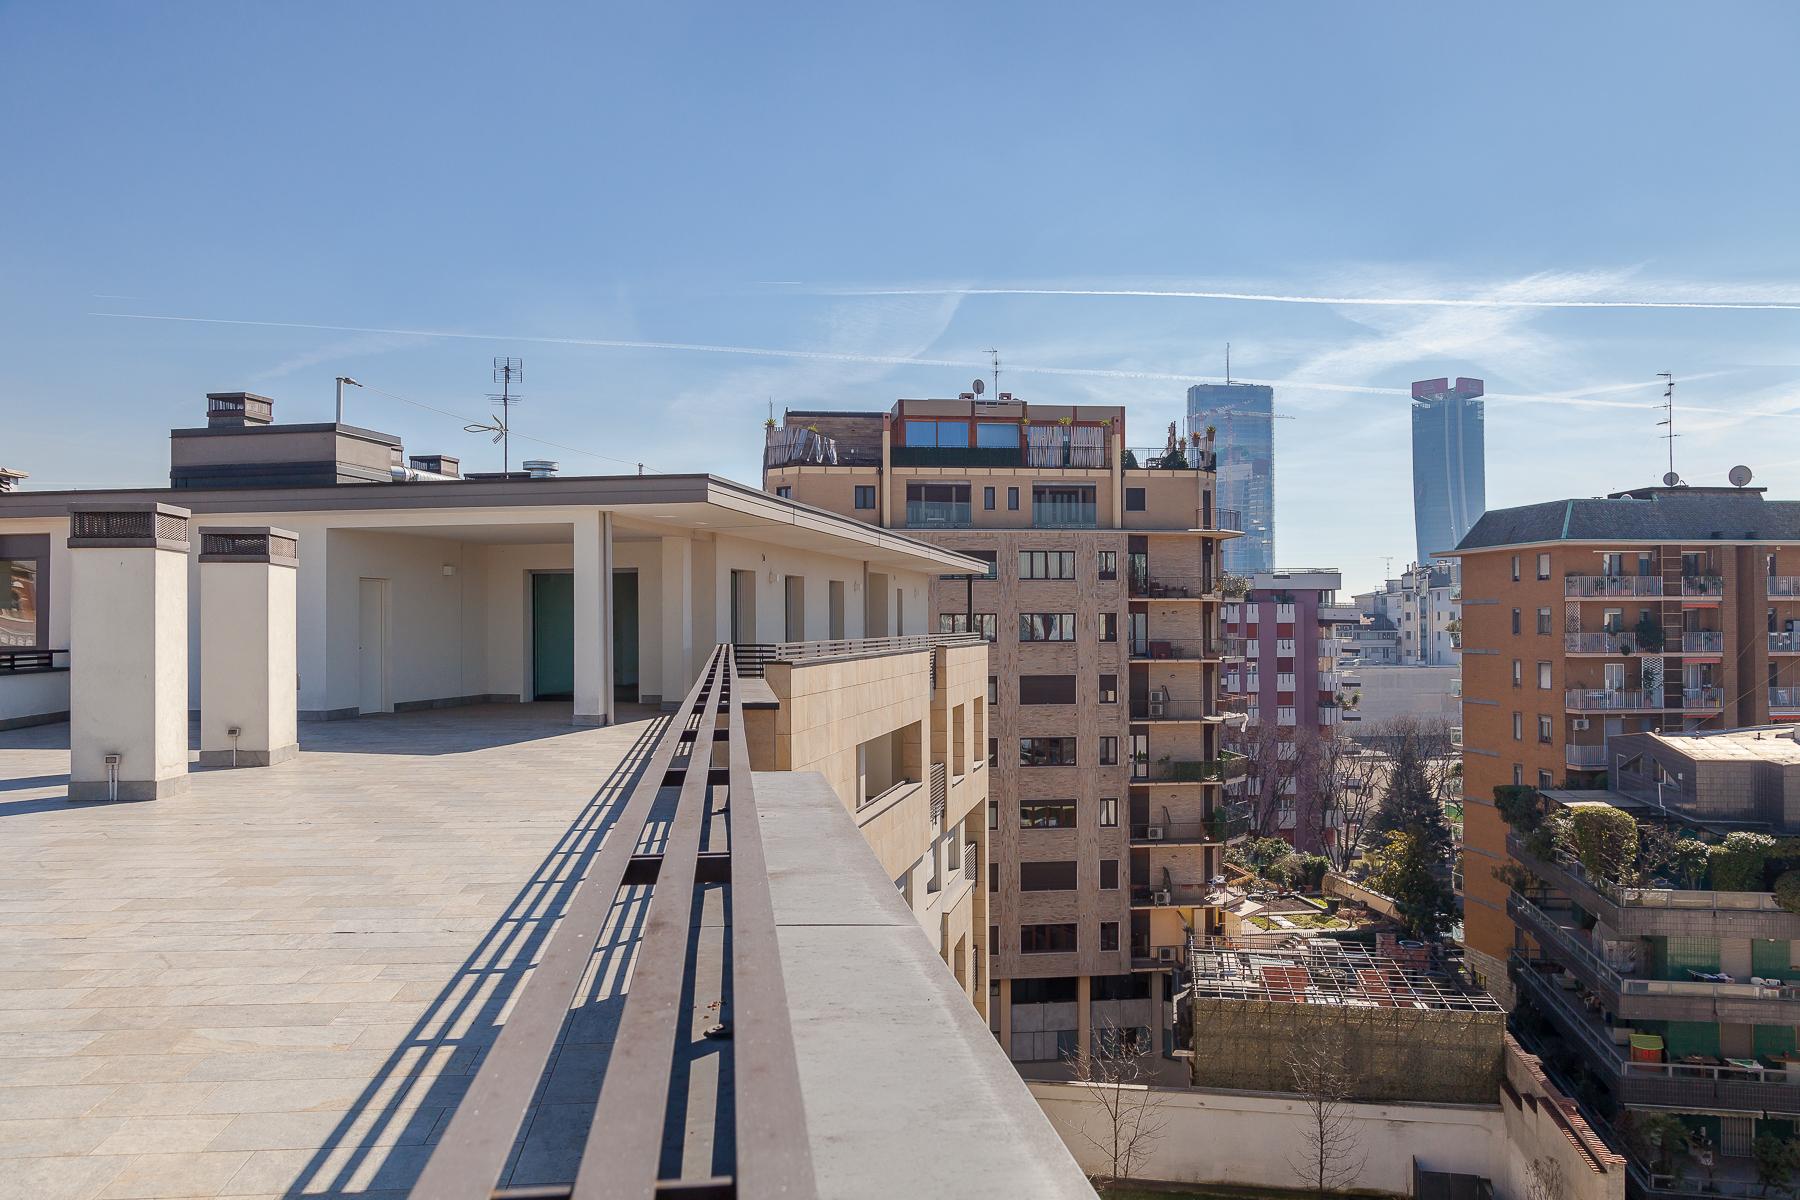 Attico in Vendita a Milano: 4 locali, 200 mq - Foto 25